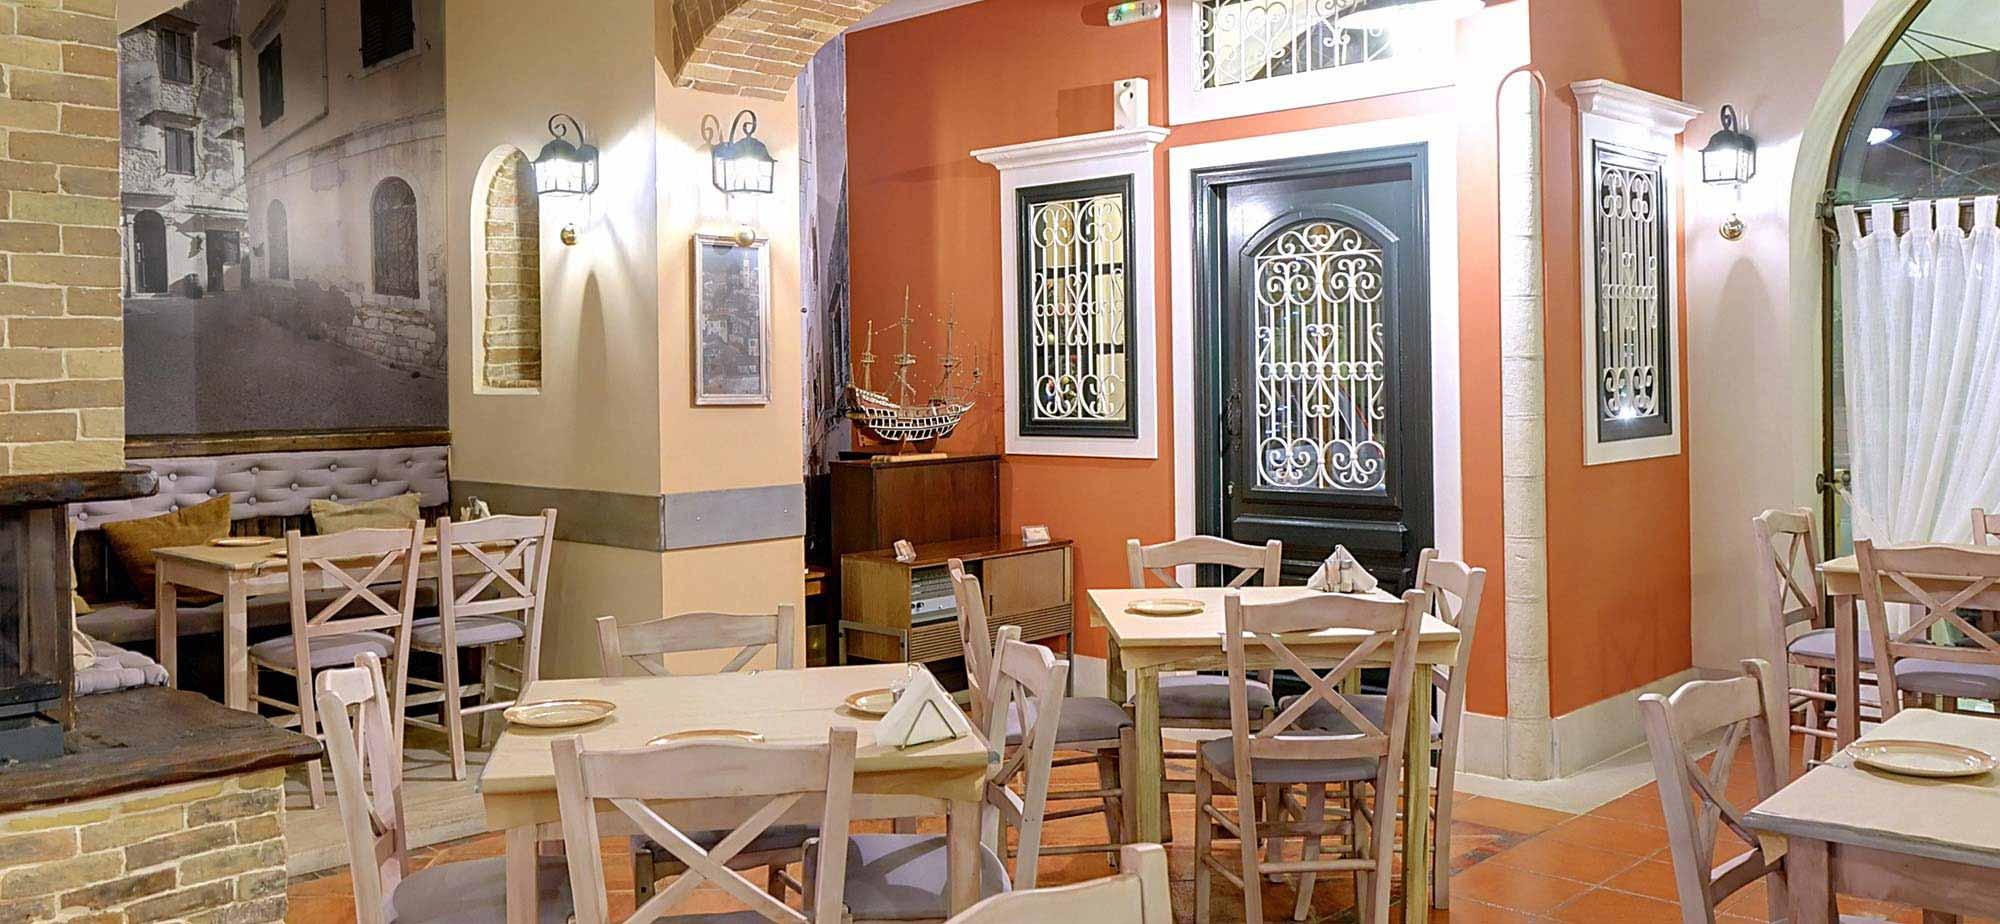 11-avli-restaurant-corfu-2000x924